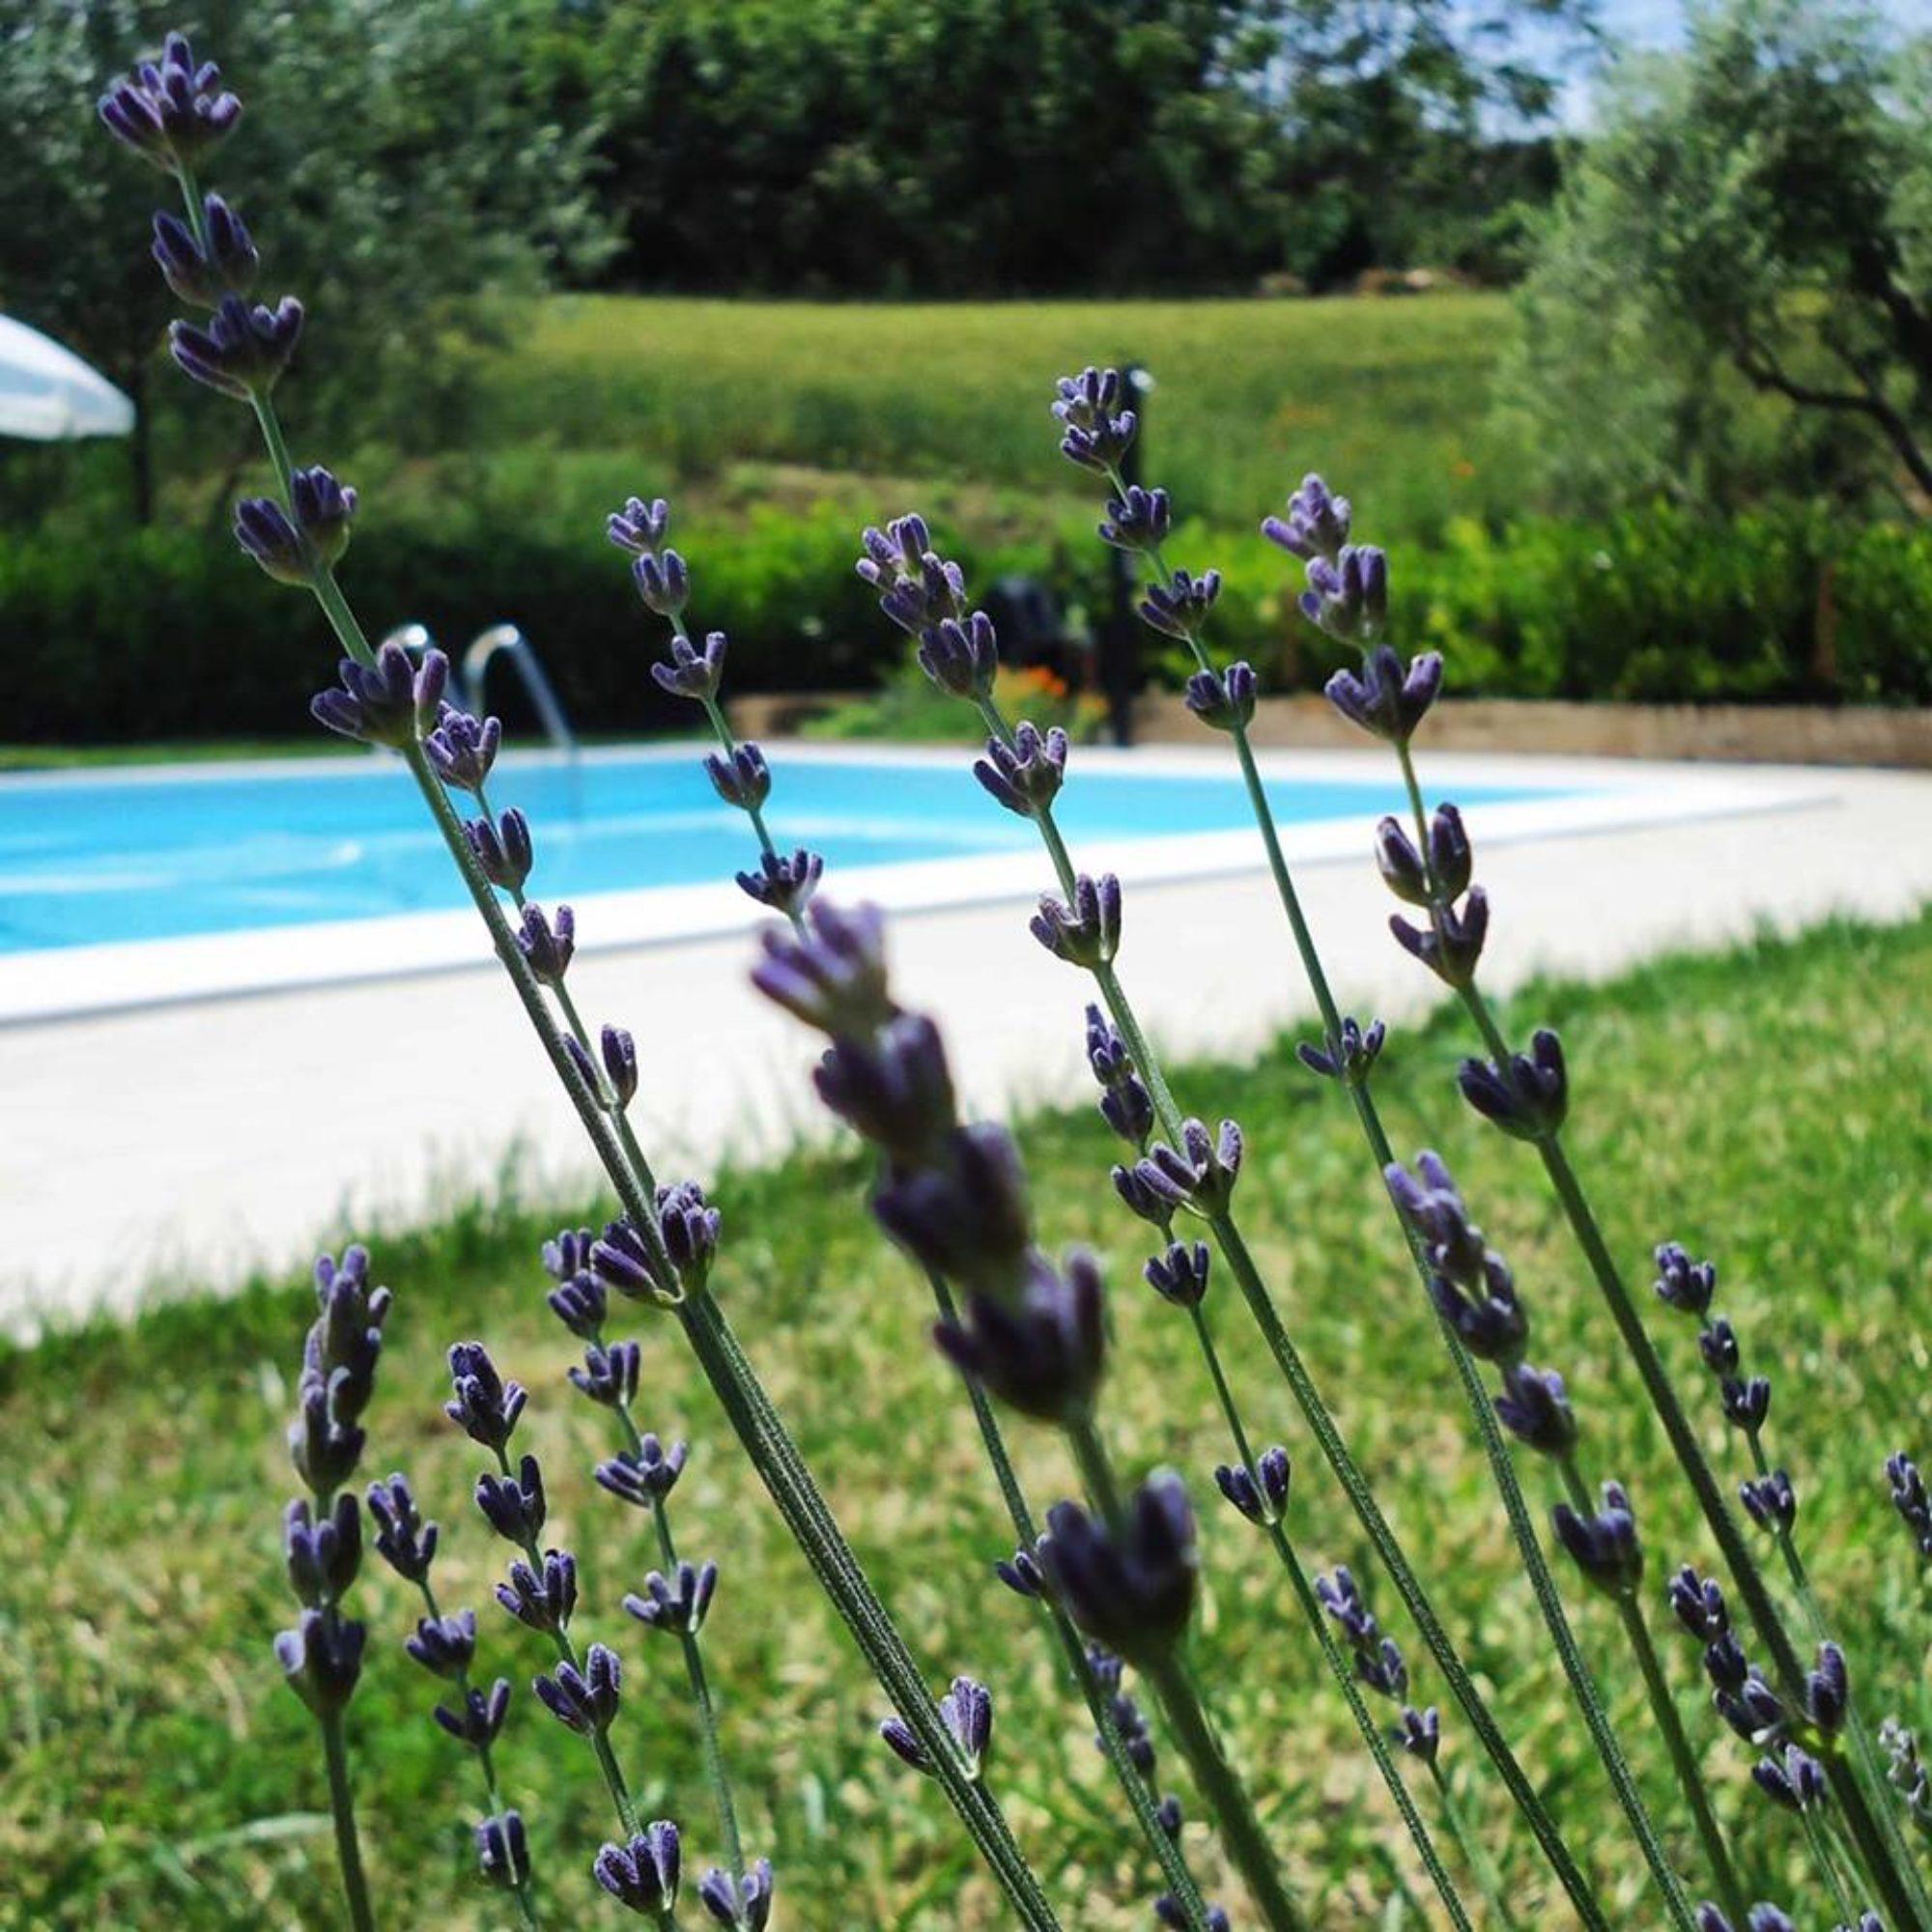 Casina Foglietti, your villa in Italy